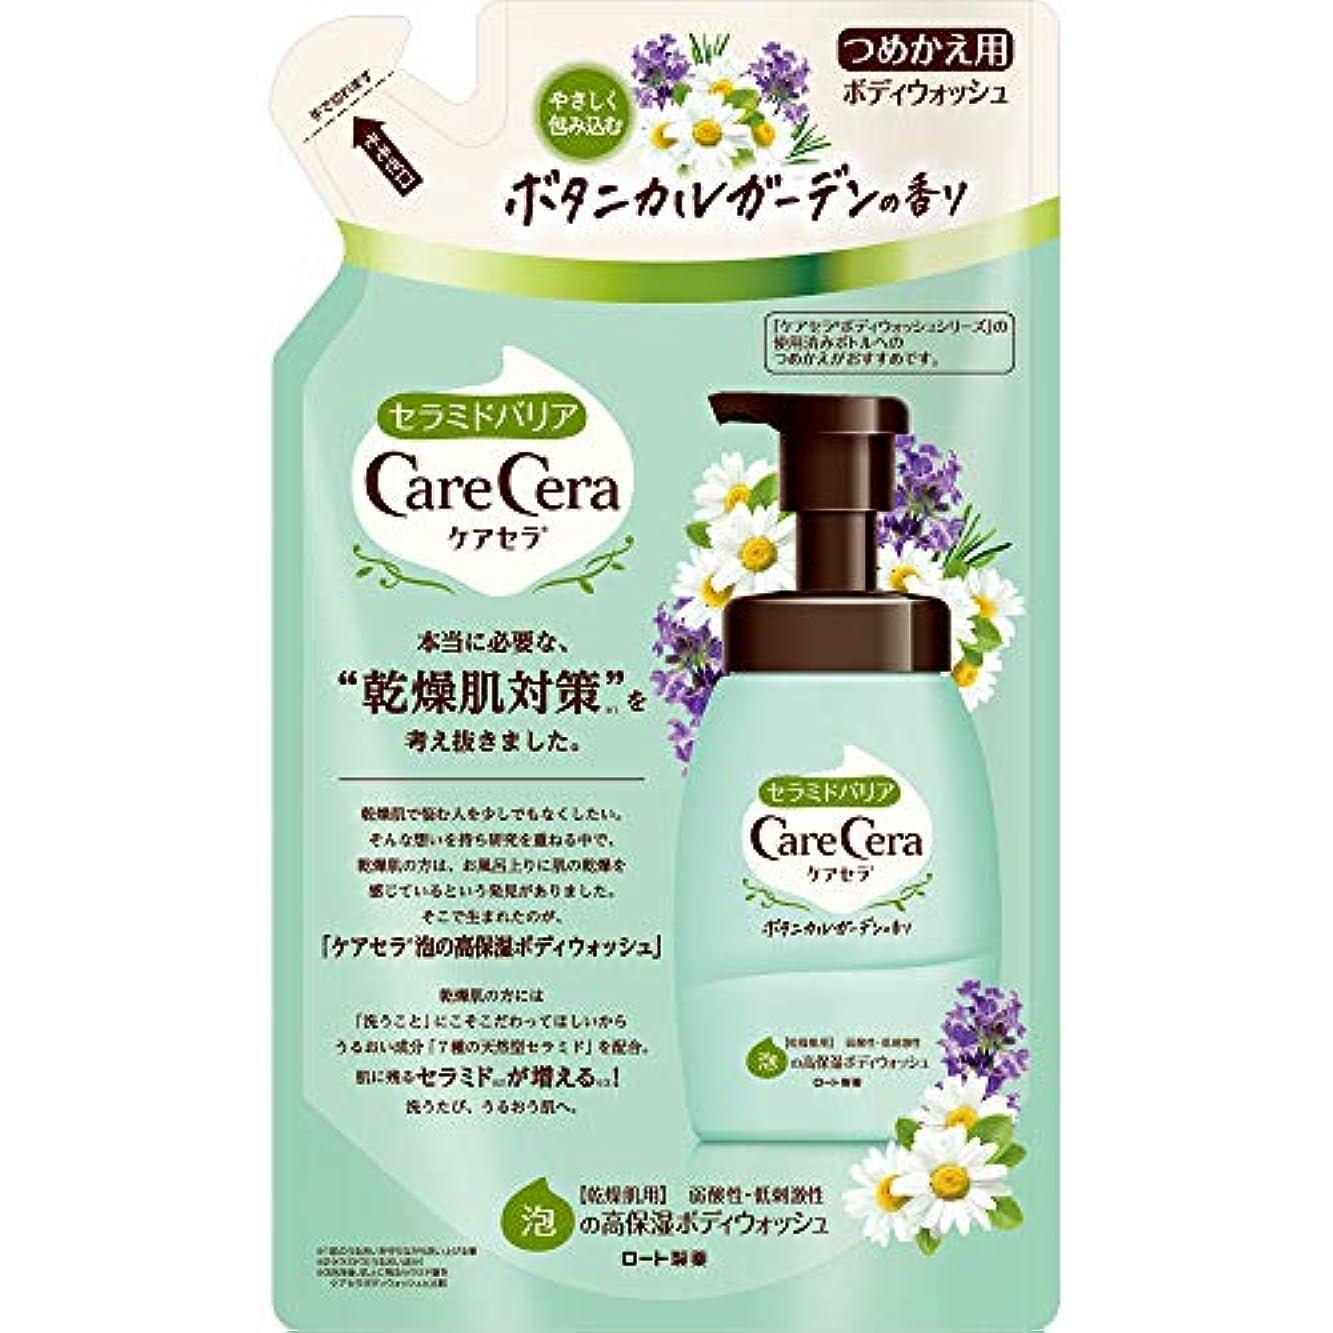 現実的医療過誤聖歌ケアセラ 泡の高保湿ボディウォッシュ ボタニカルガーデンの香り つめかえ用 350mL